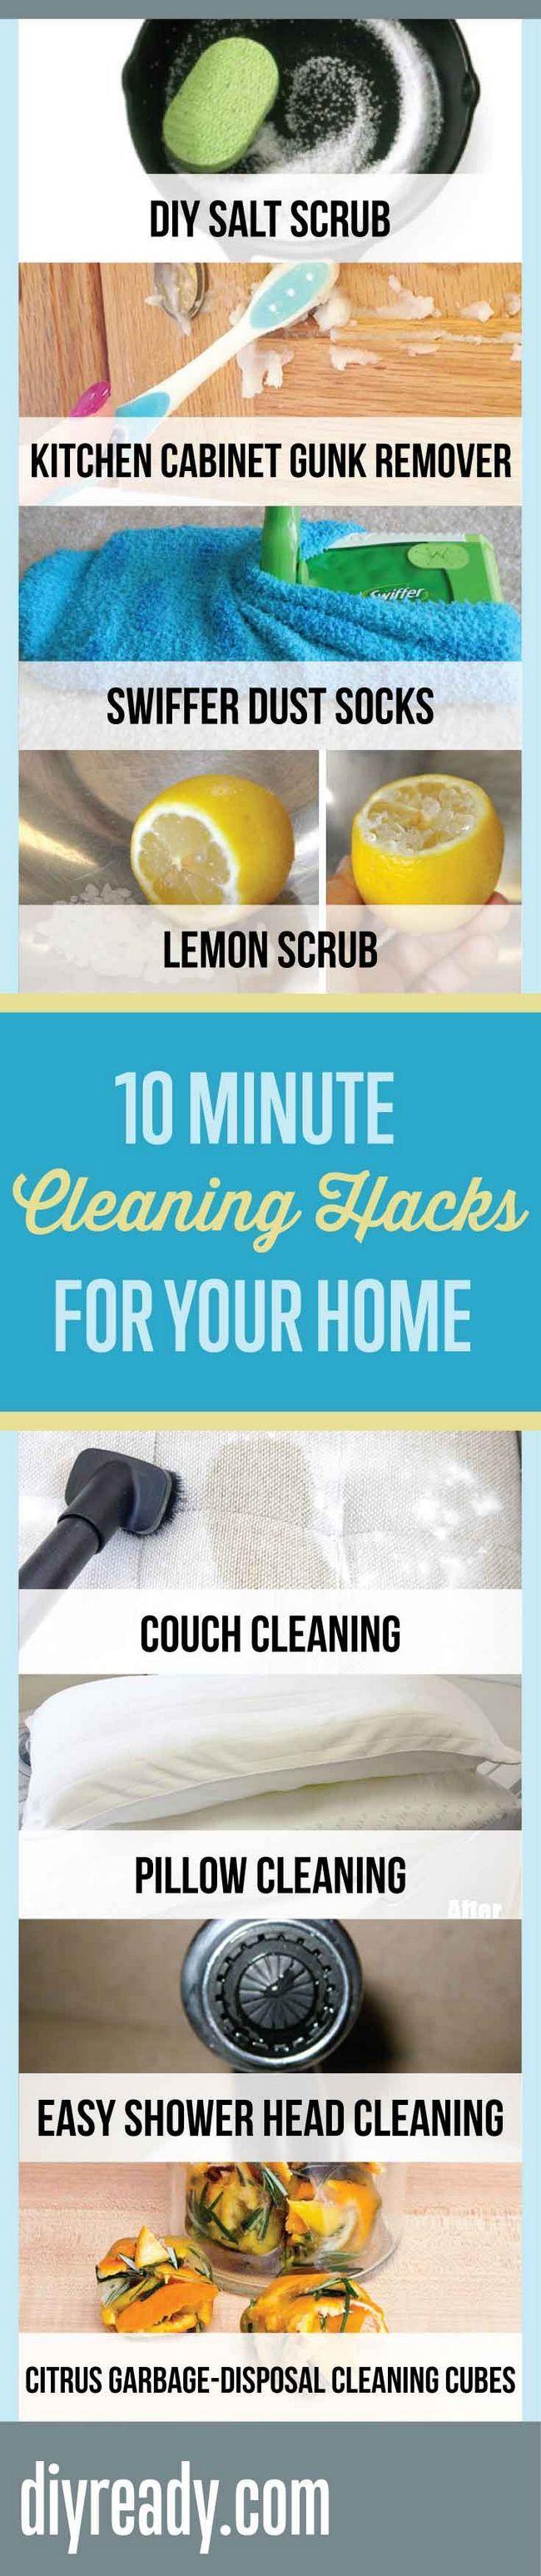 Consejos de limpieza para el hogar   Fácil para el hogar Hacks por DIY listo en http://artesaniasdebricolaje.ru/10-minute-cleaning-hacks-that-will-keep-your-home-sparkling/